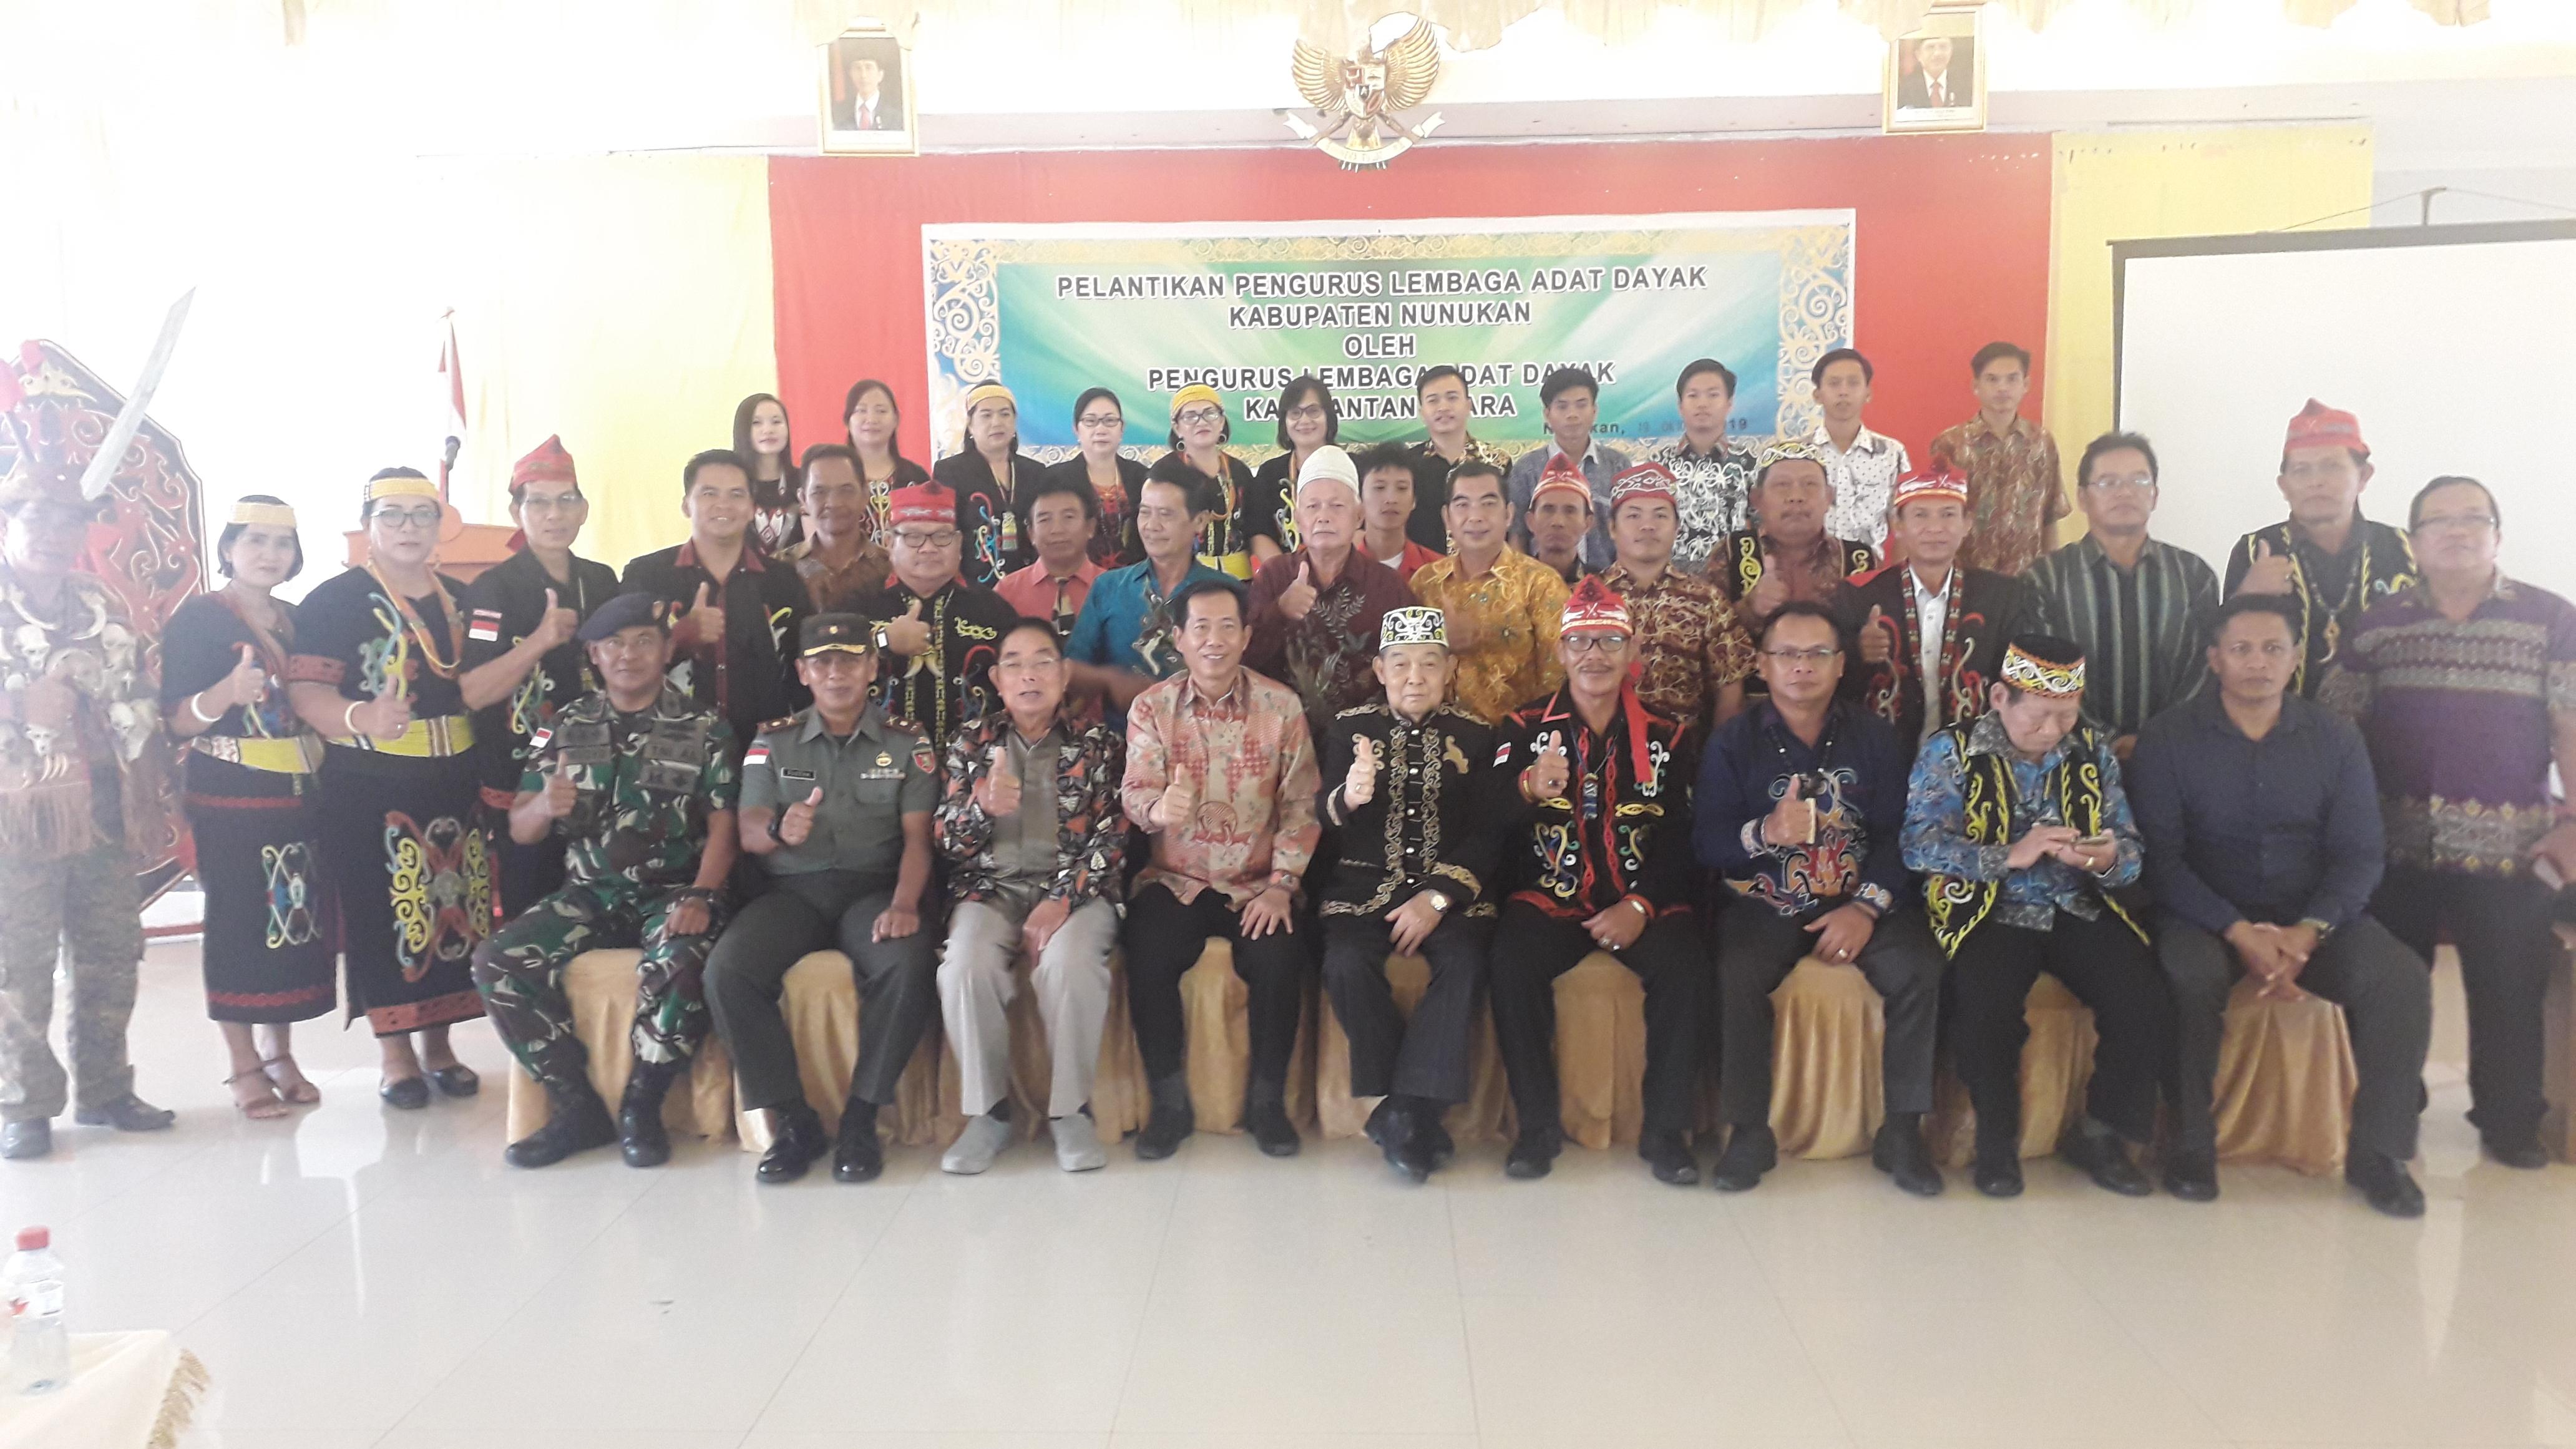 Pengurus Lembaga Adat Dayak Kabupaten Nunukan Periode 2019 - 2024 Dikukuhkan